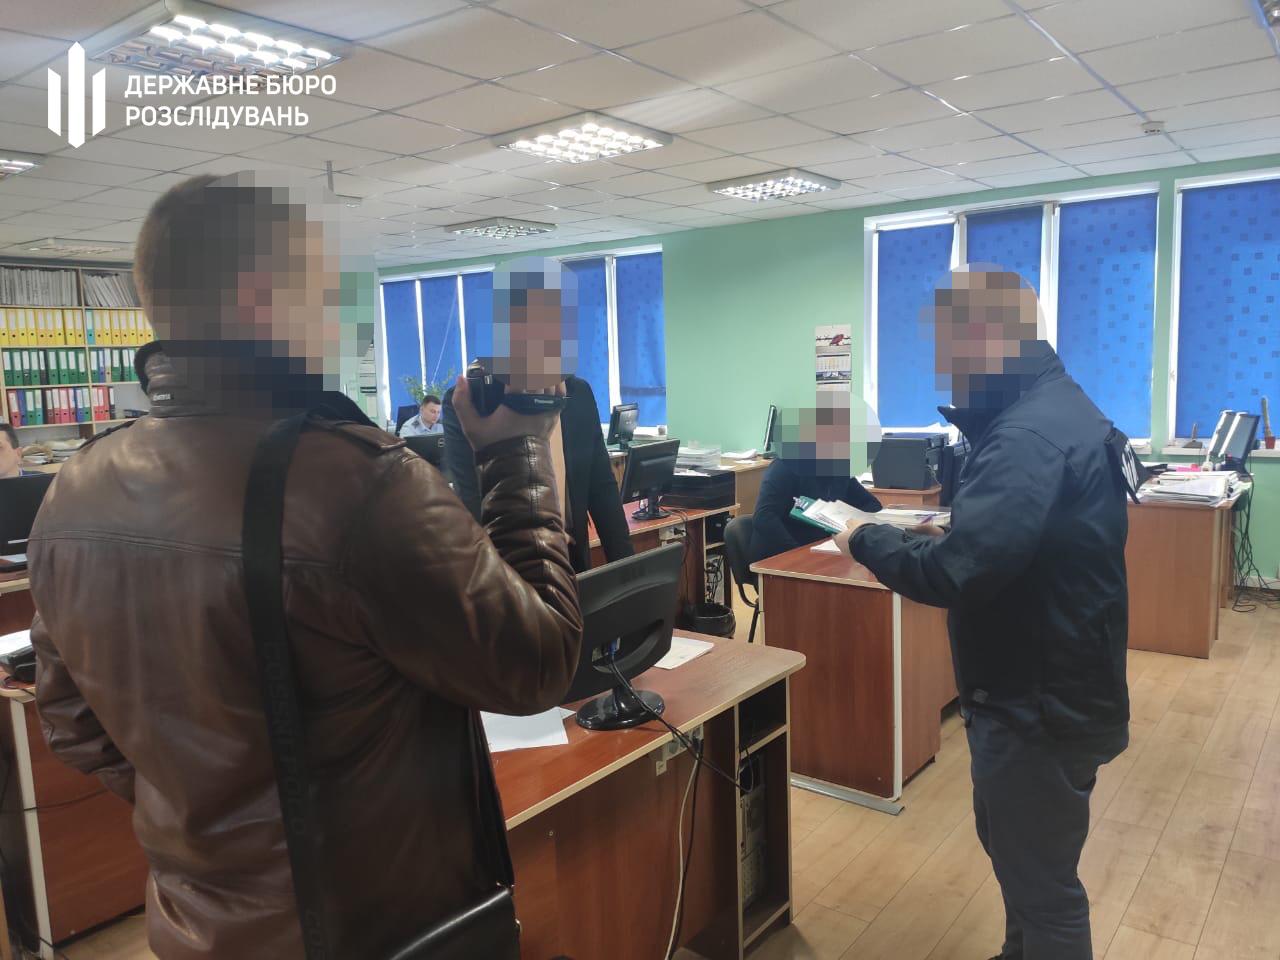 ГБР провела обыски на Подольской и Полесской таможнях